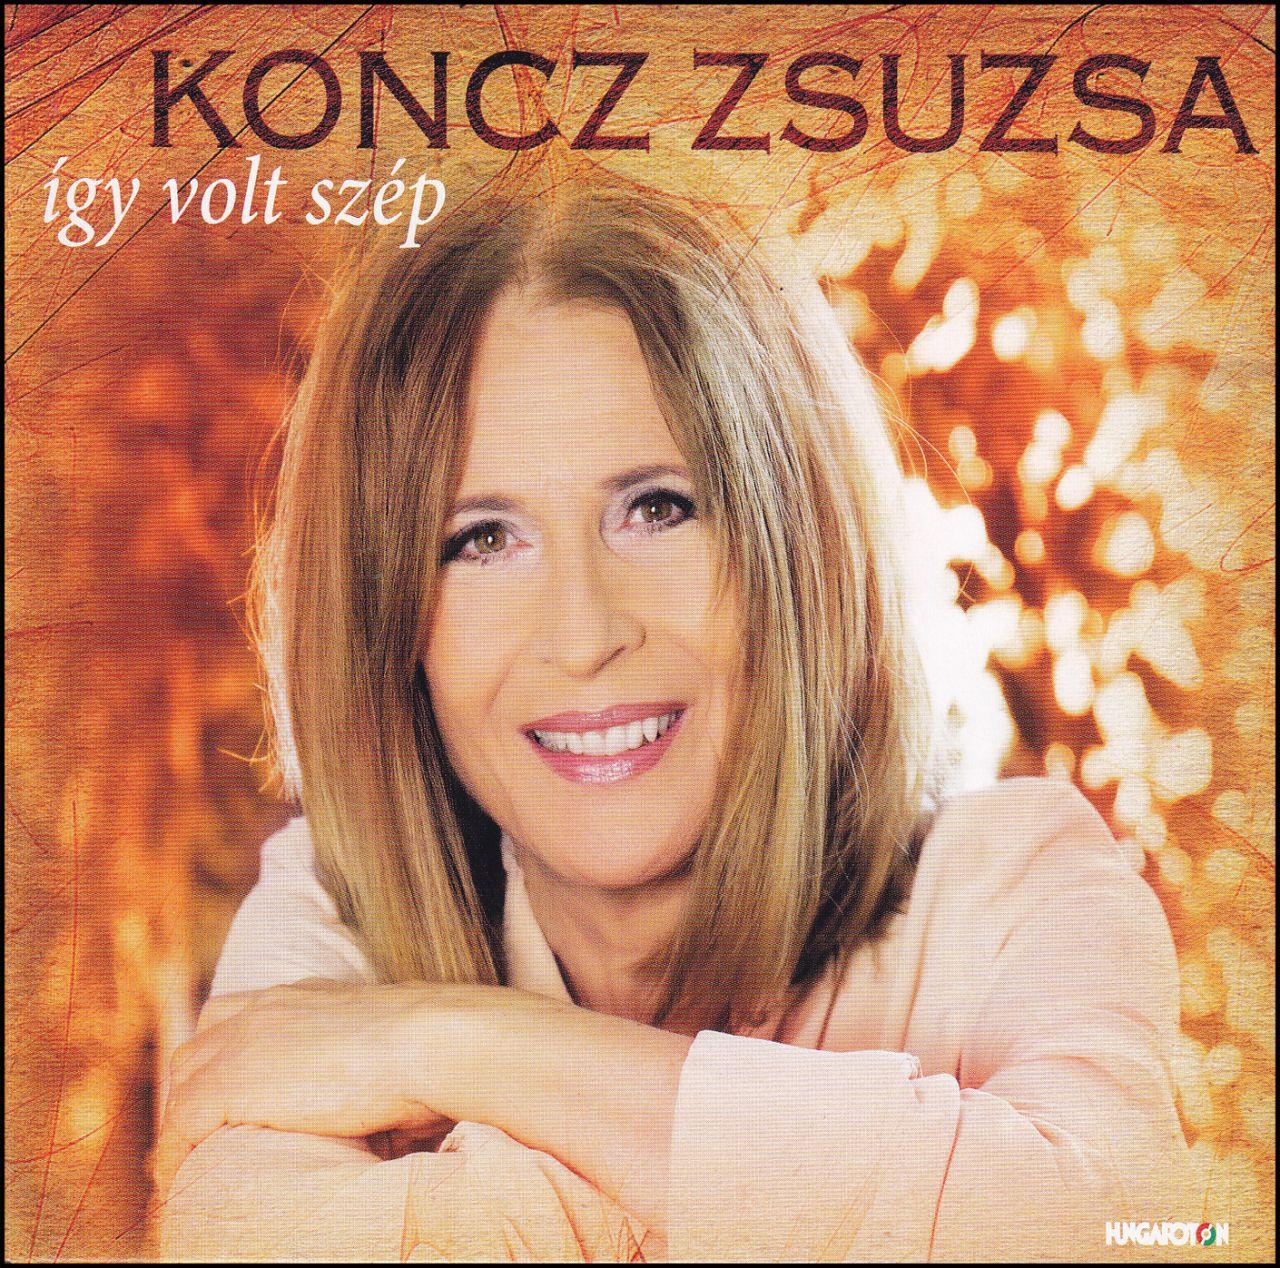 Koncz Zsuzsa: Így volt szép (CD) dupla